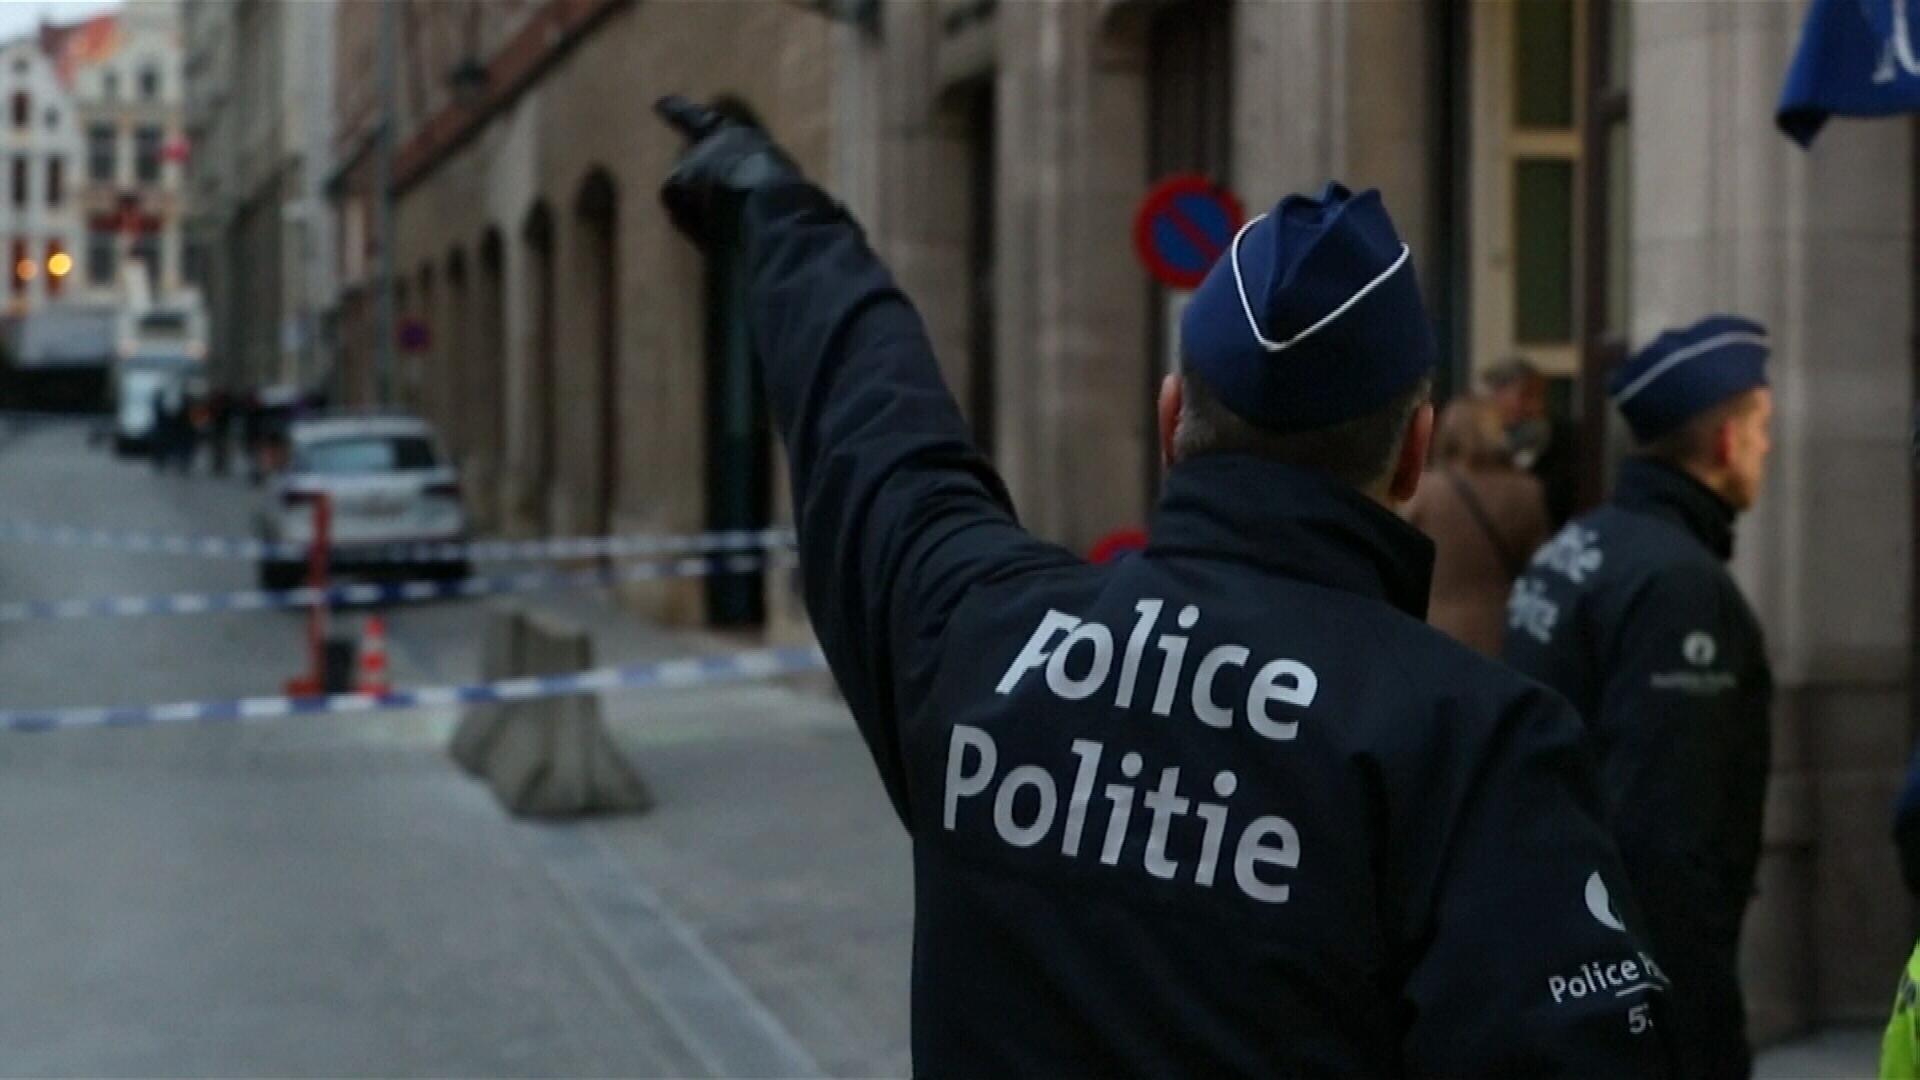 Belgian officer stabbed in the neck